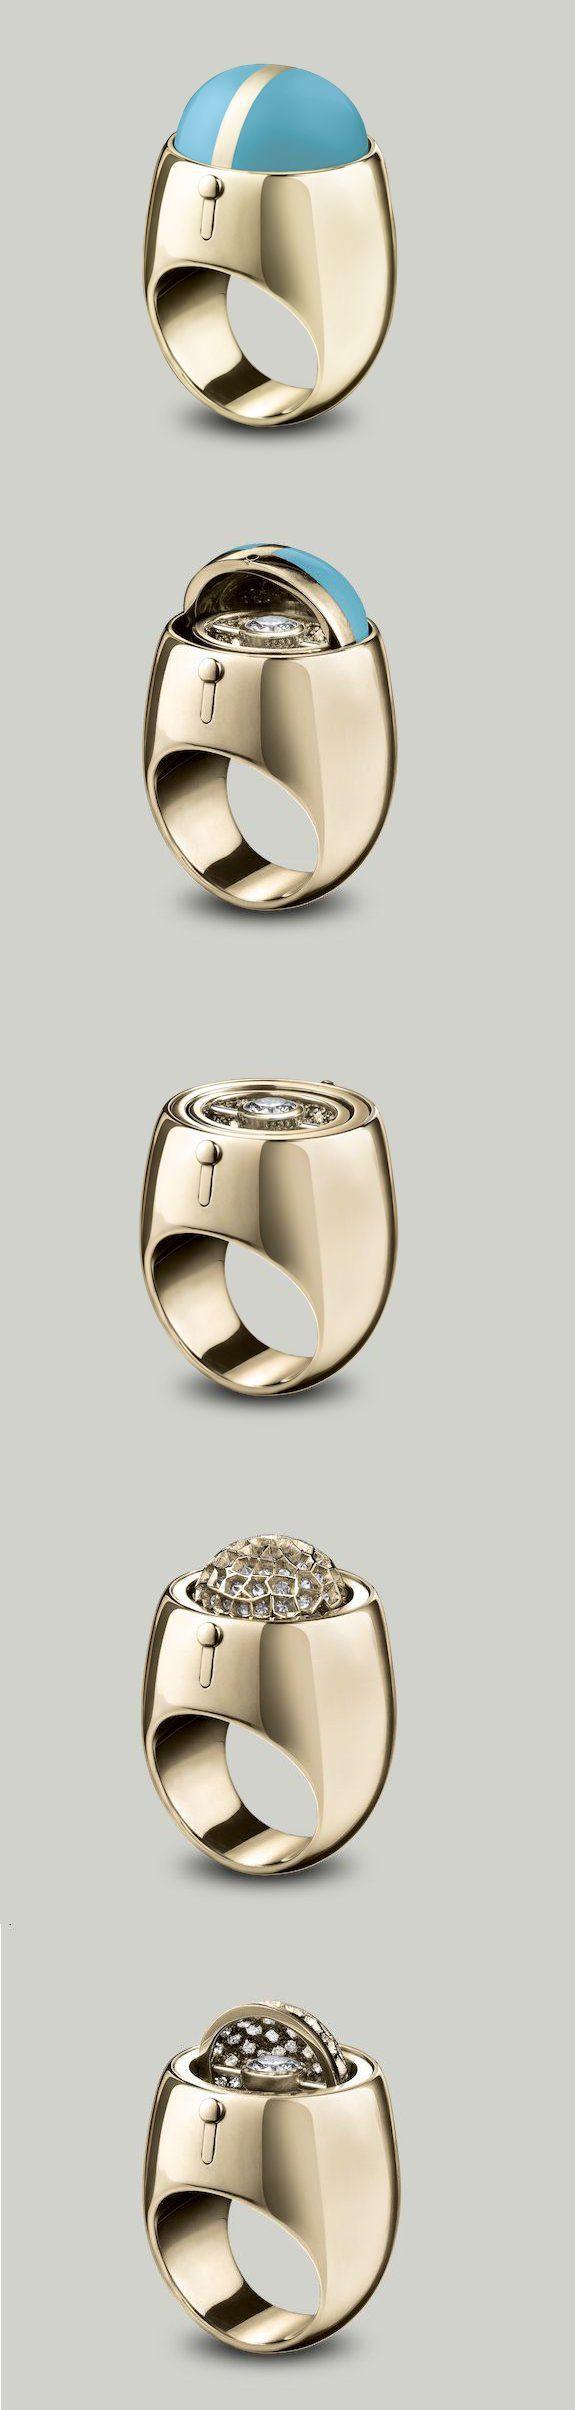 Solange Azagurypartridge Secret Diamond Ring An Enamel Dome Swivels To  Reveal A Brilliant Cut